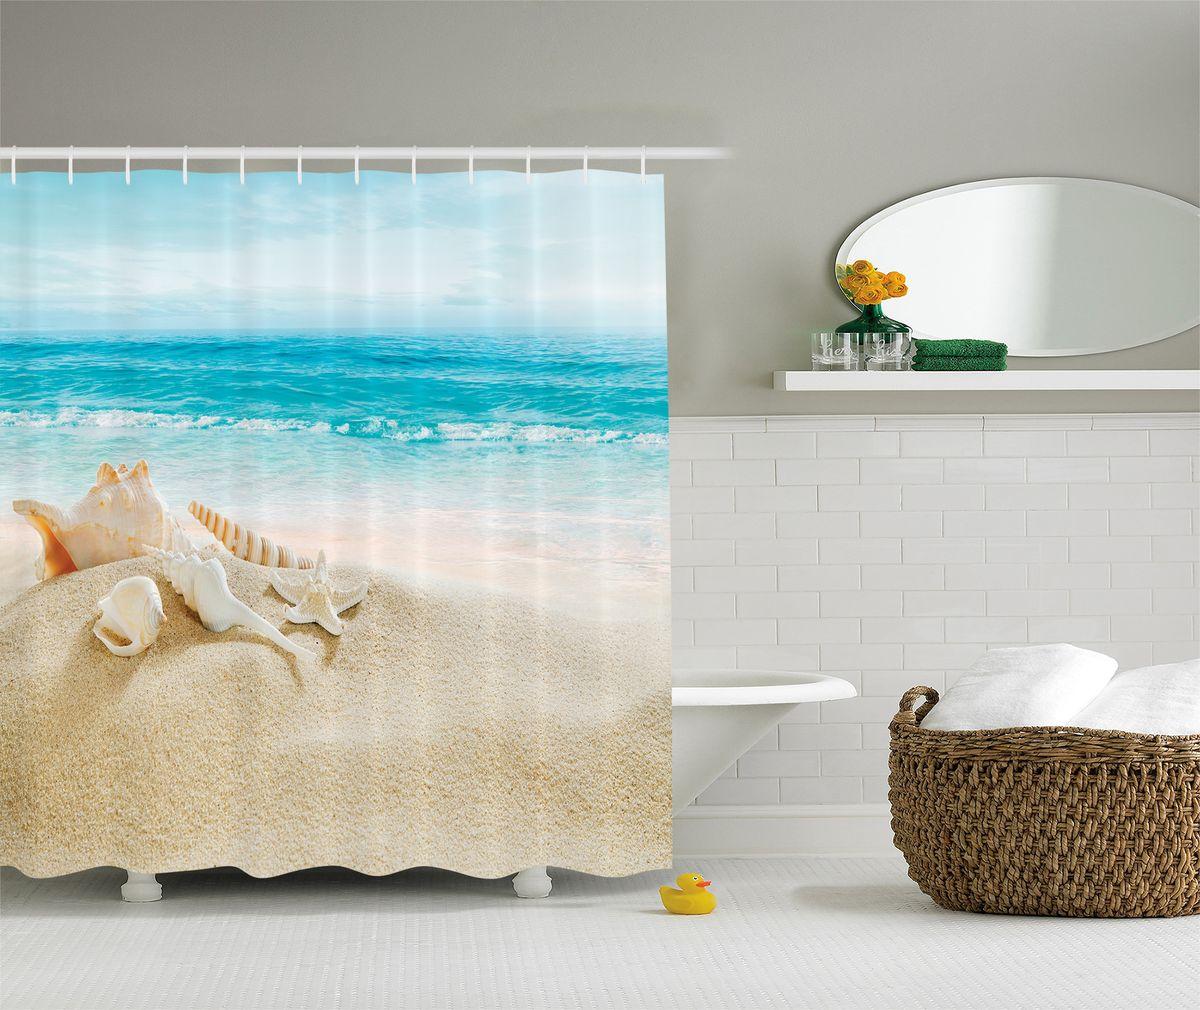 Штора для ванной комнаты Magic Lady Ракушки на теплом песке, 180 х 200 смшв_5243Компания Сэмболь изготавливает шторы из высококачественного сатена (полиэстер 100%). При изготовлении используются специальные гипоаллергенные чернила для прямой печати по ткани, безопасные для человека и животных. Экологичность продукции Magic lady и безопасность для окружающей среды подтверждены сертификатом Oeko-Tex Standard 100. Крепление: крючки (12 шт.). Внимание! При нанесении сублимационной печати на ткань технологическим методом при температуре 240 С, возможно отклонение полученных размеров, указанных на этикетке и сайте, от стандартных на + - 3-5 см. Мы стараемся максимально точно передать цвета изделия на наших фотографиях, однако искажения неизбежны и фактический цвет изделия может отличаться от воспринимаемого по фото. Обратите внимание! Шторы изготовлены из полиэстра сатенового переплетения, а не из сатина (хлопок). Размер шторы 180*200 см. В комплекте 1 штора и 12 крючков.